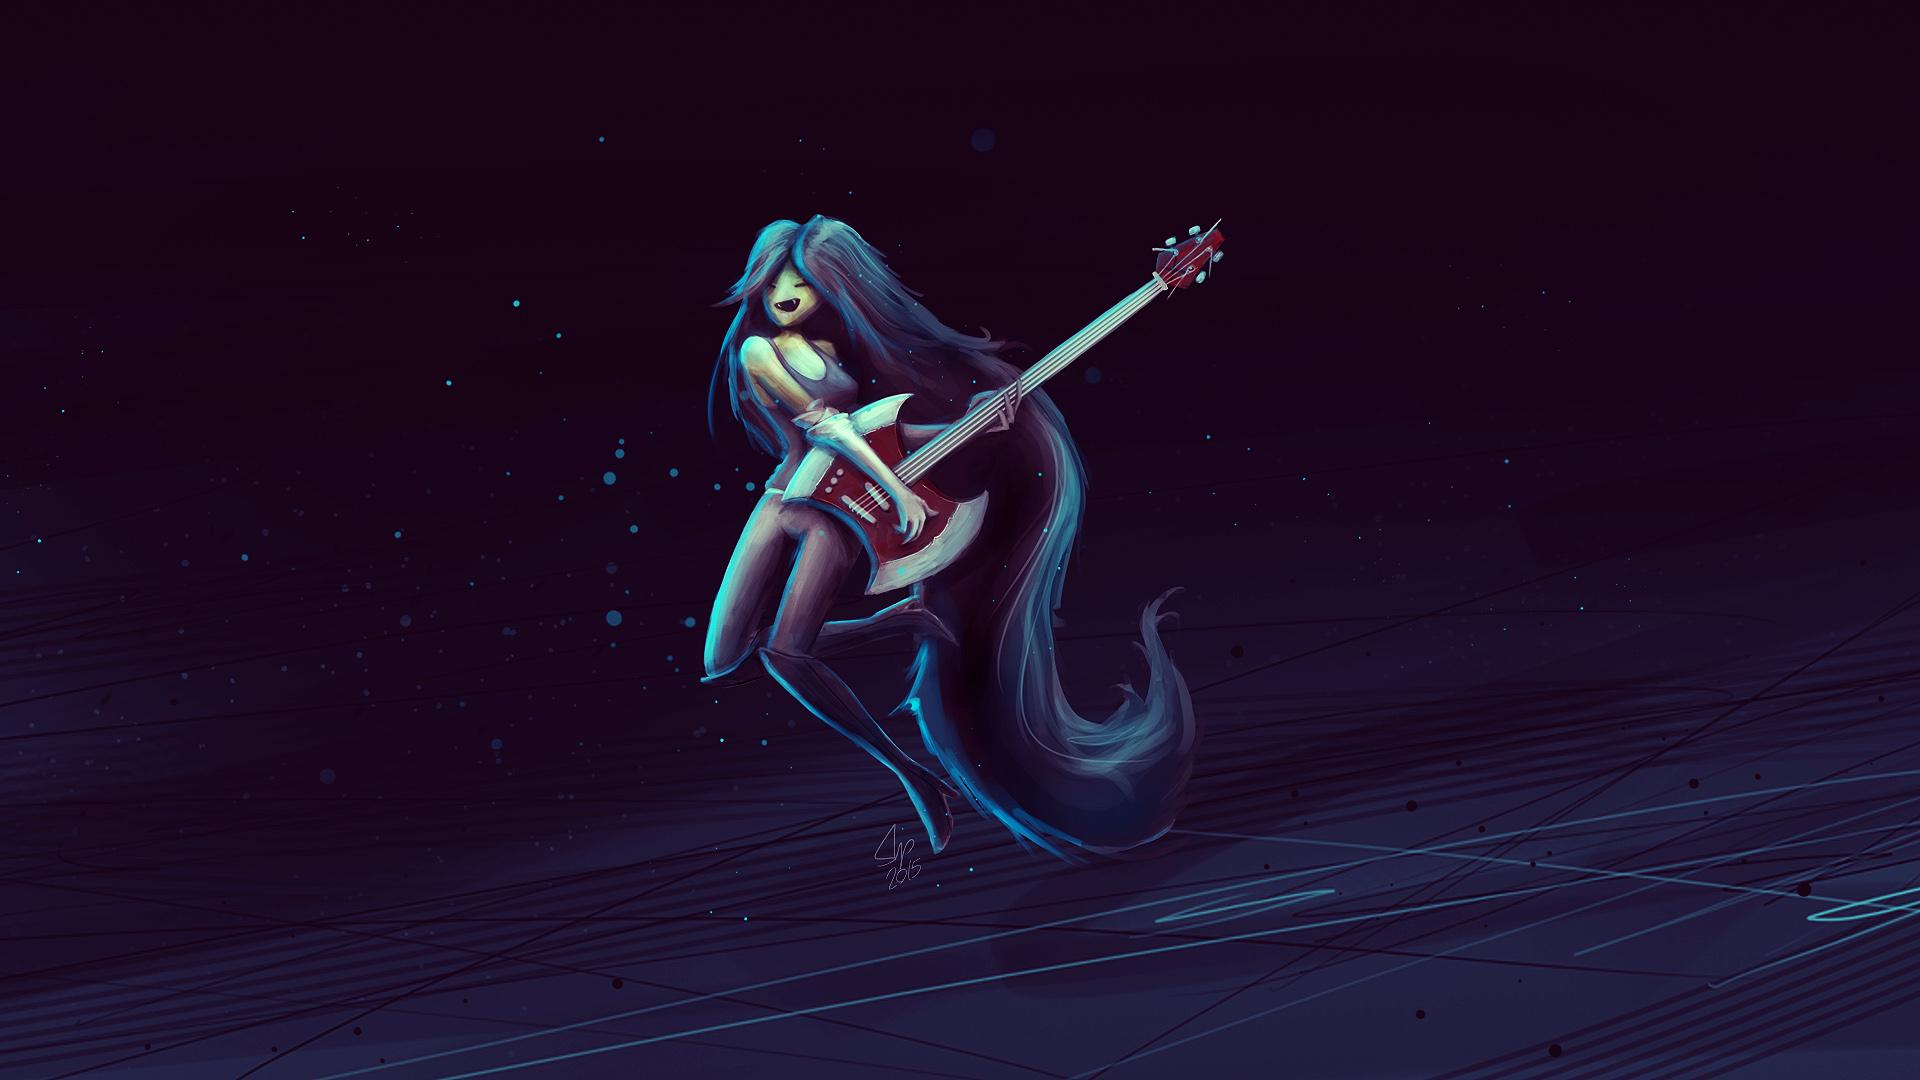 Marceline the Vampire by slipled